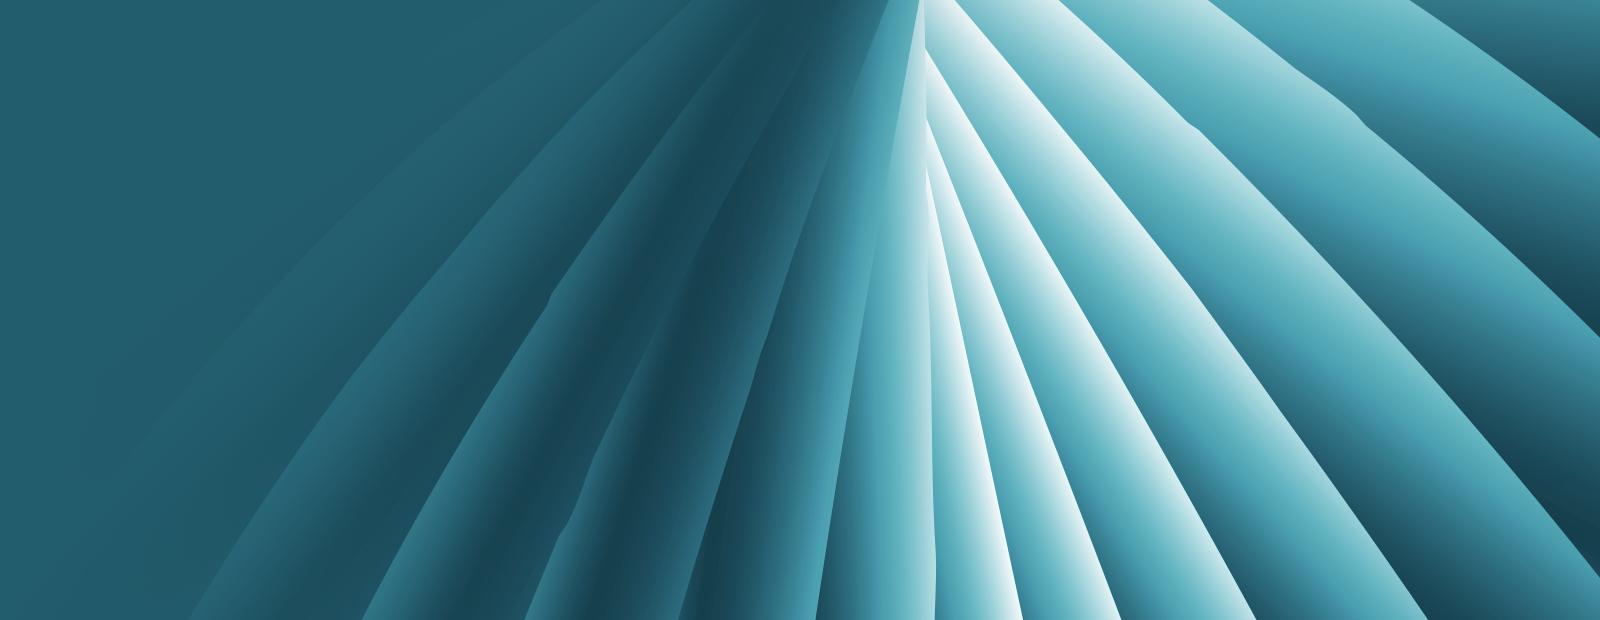 Kalix-HPPA-abstract